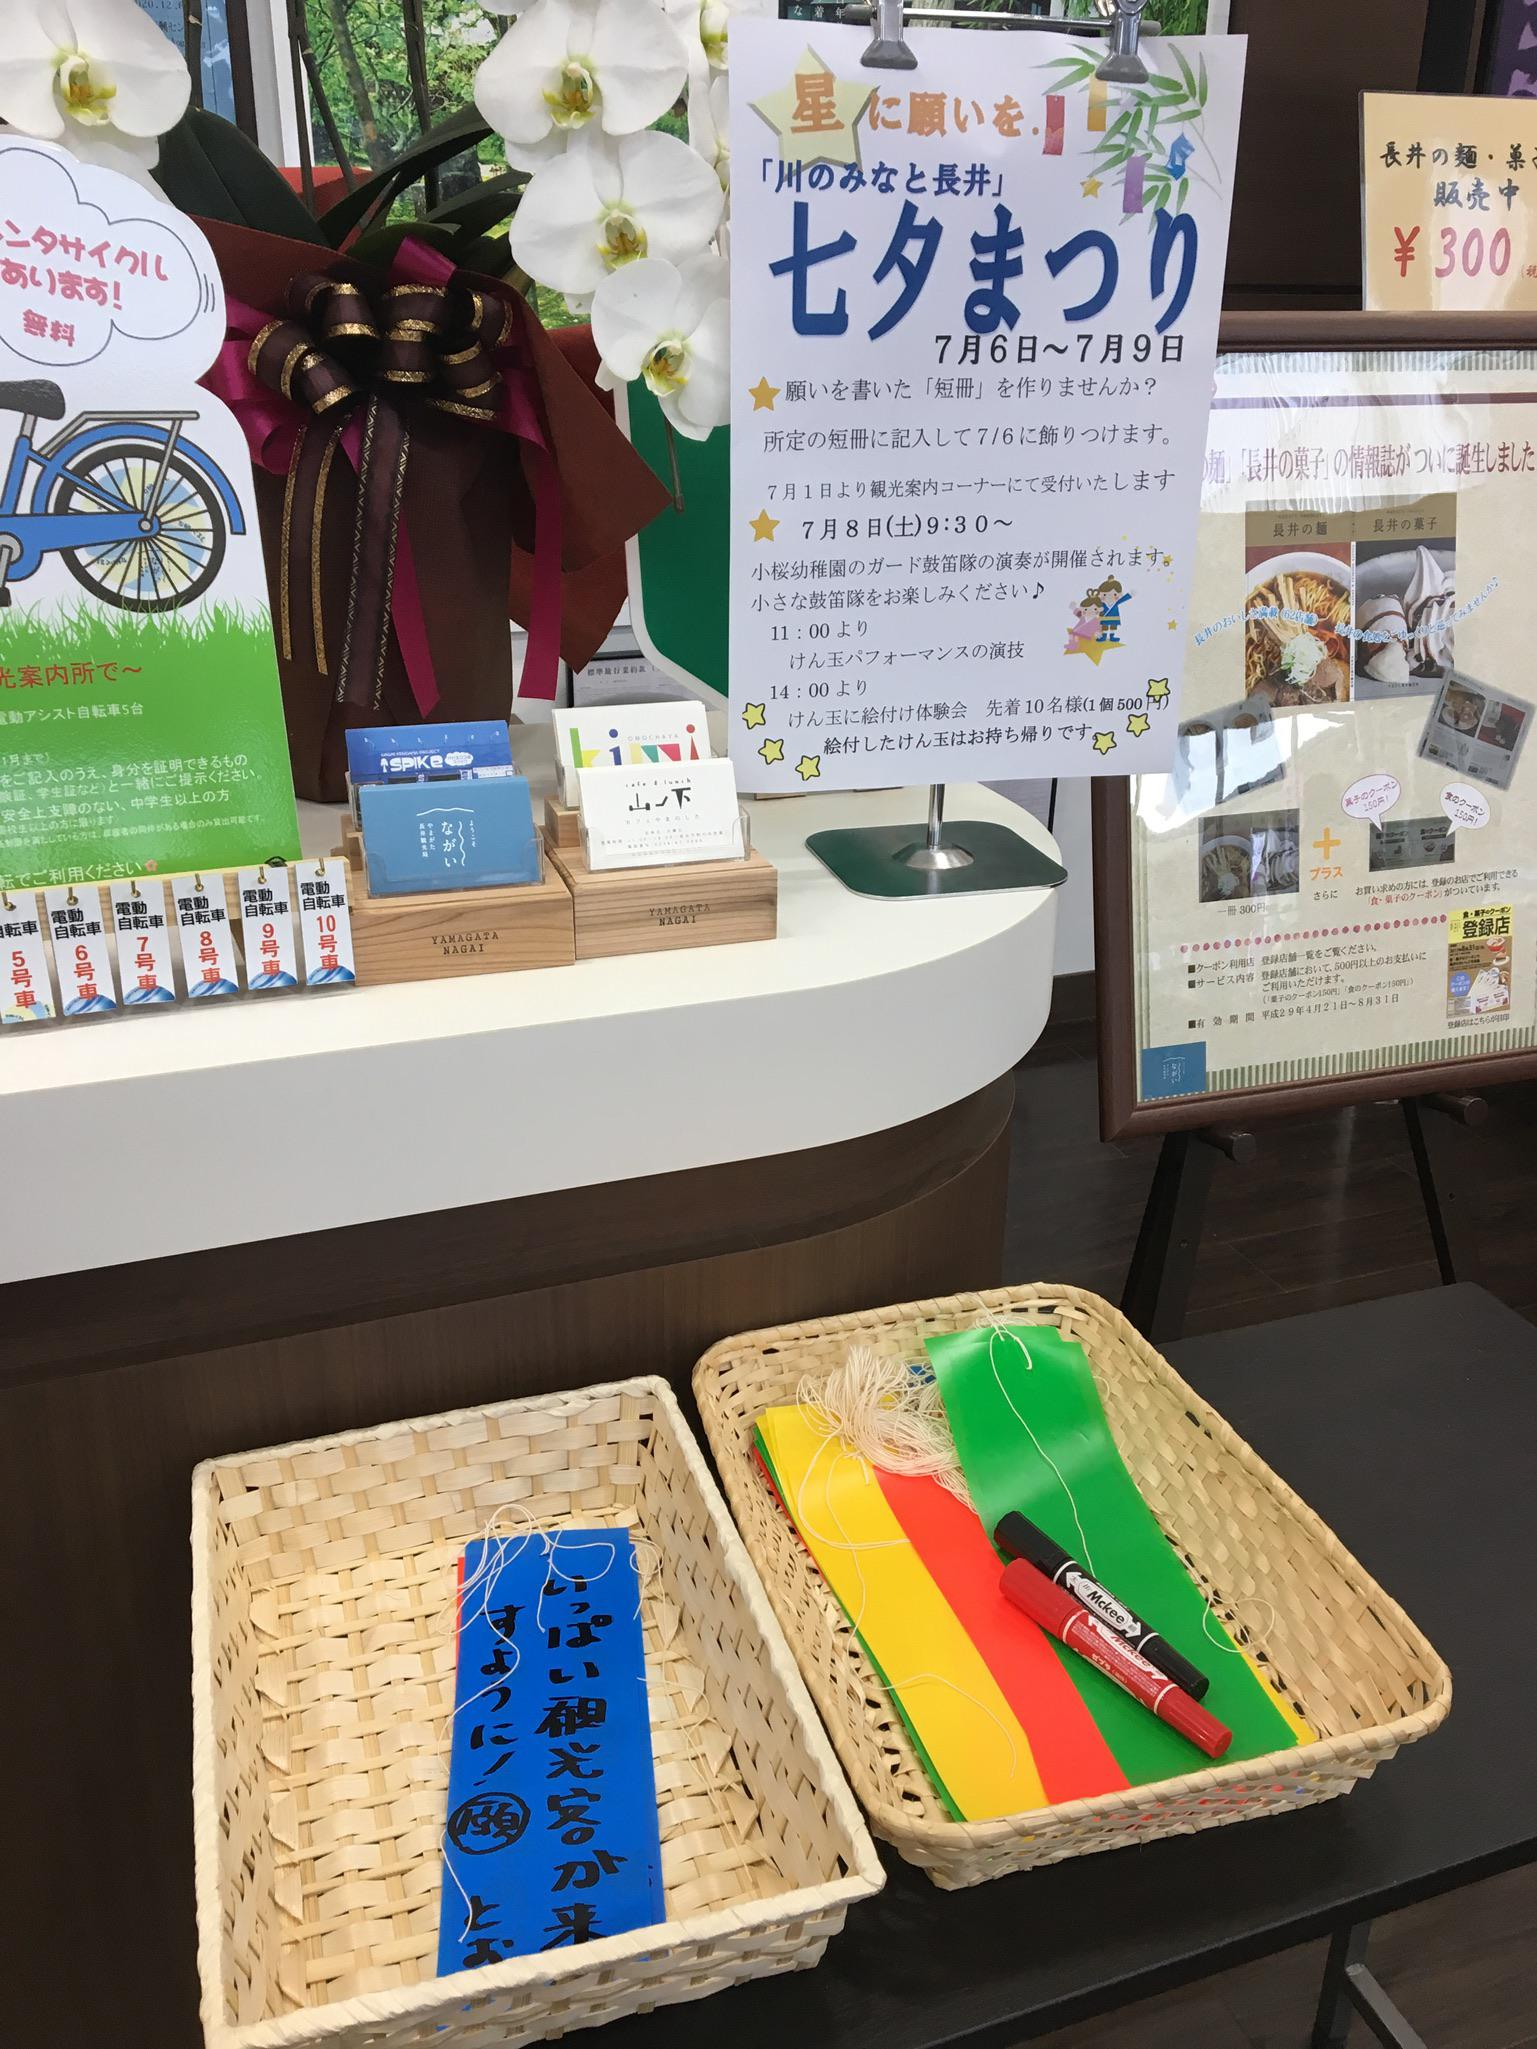 「川のみなと長井」七夕まつり:画像